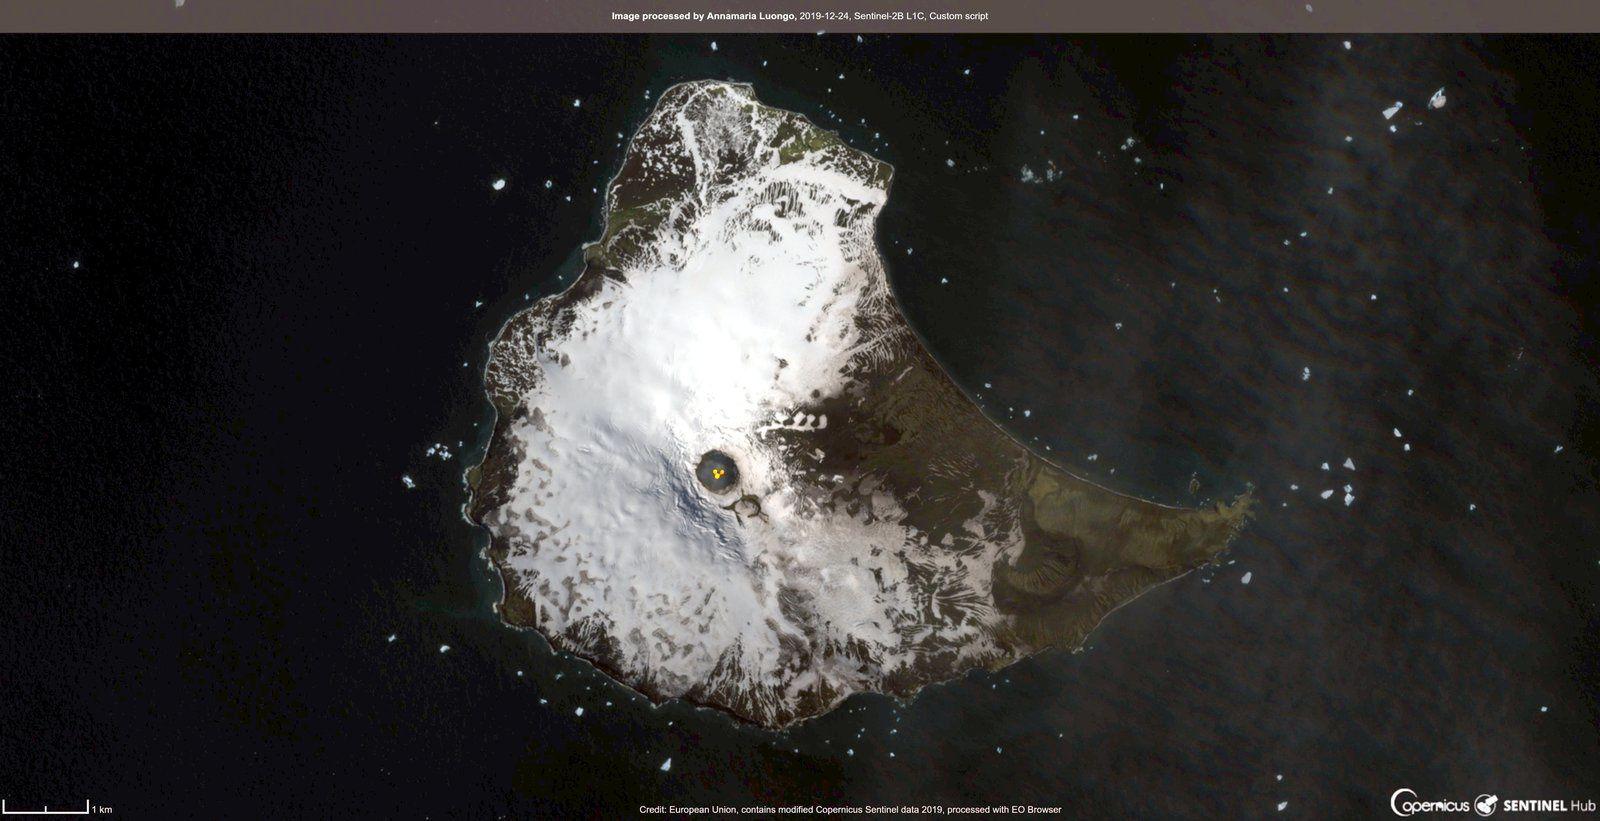 Mt. Michael  -  image Sentinel-2B L1C  custom script du 24.12.2019 - Doc. Annamaria Luongo / Copernicus - un clic pour agrandir